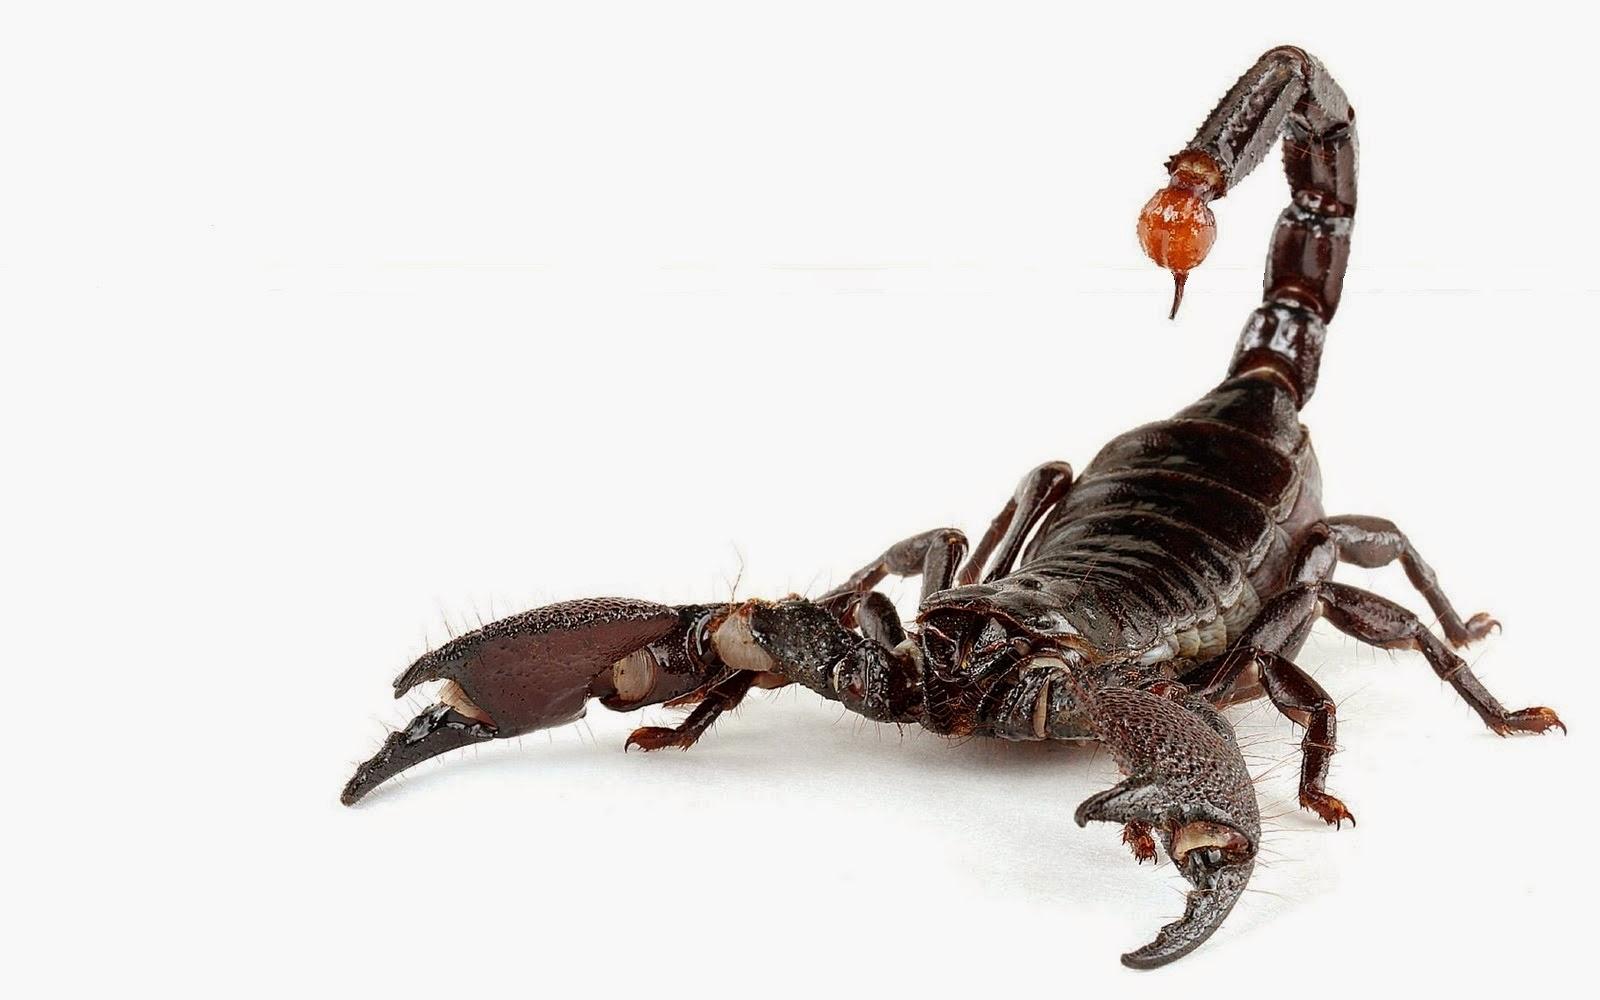 LA CIENCIA DE LA VIDA: Los malvados escorpiones